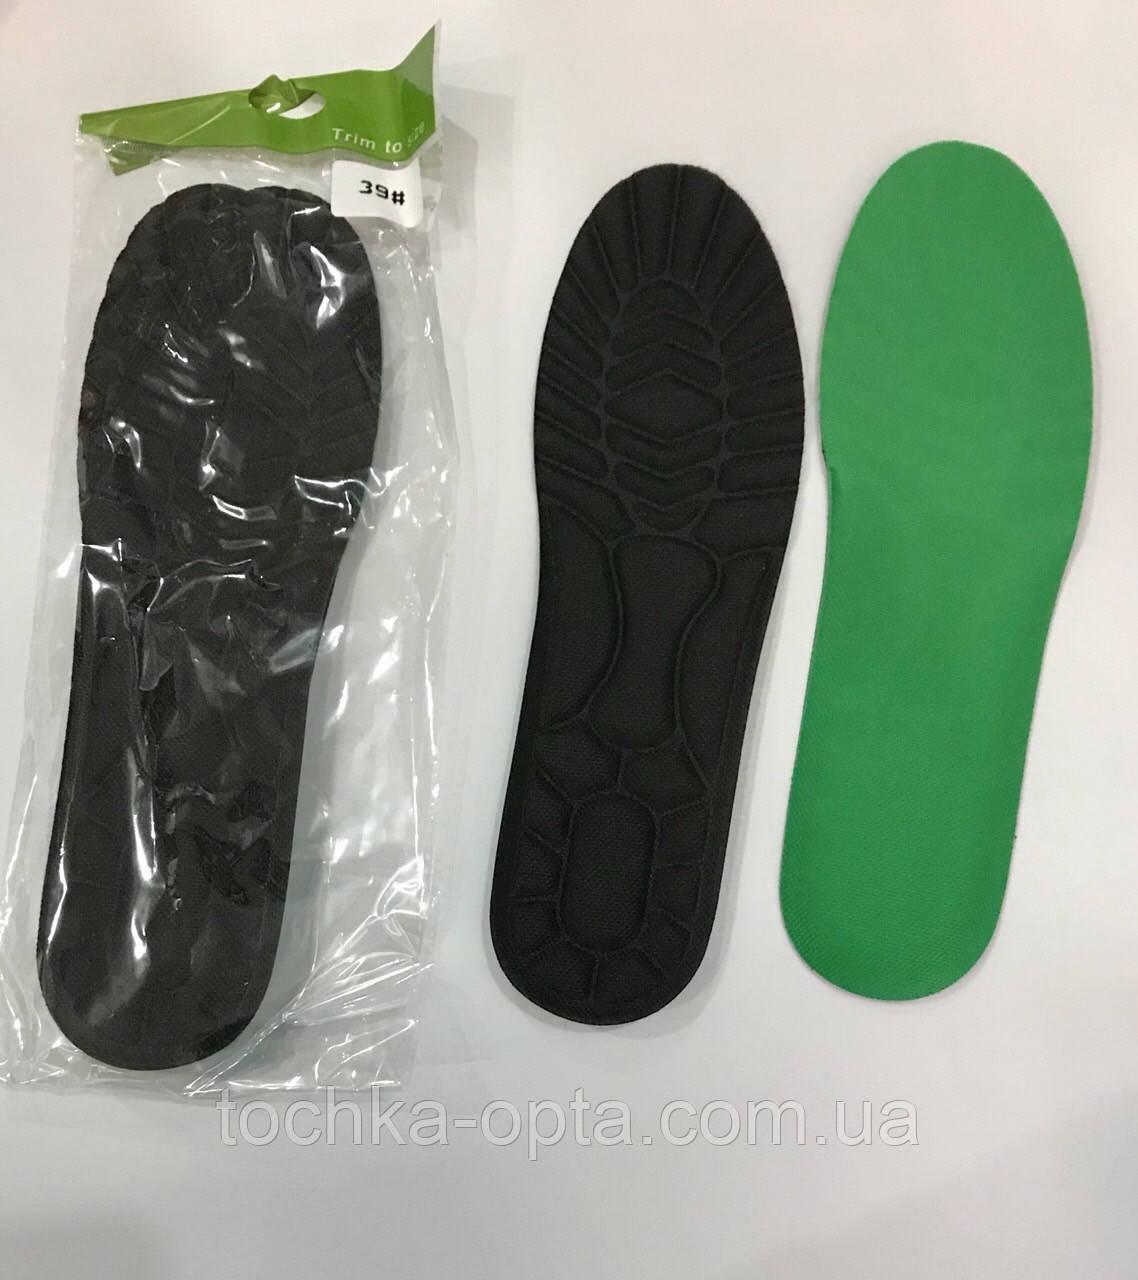 Стельки для спортивной обуви ортопедические 36 размер